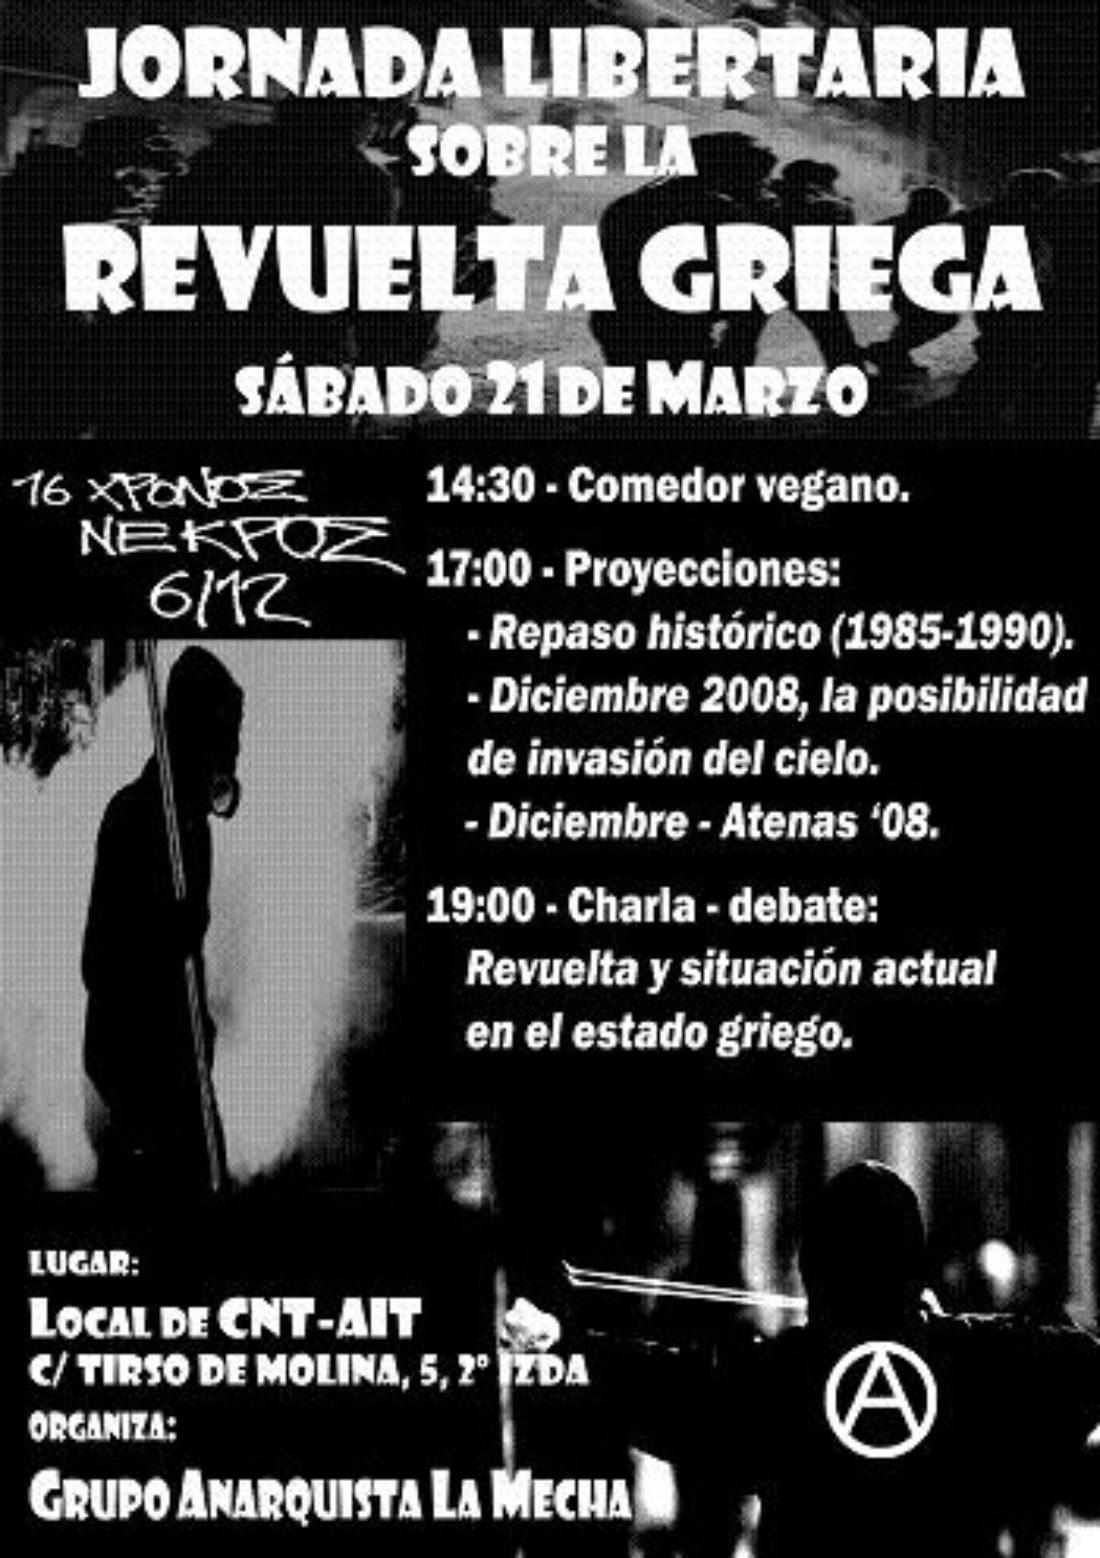 [Madrid] Jornada libertaria sobre la revuelta griega